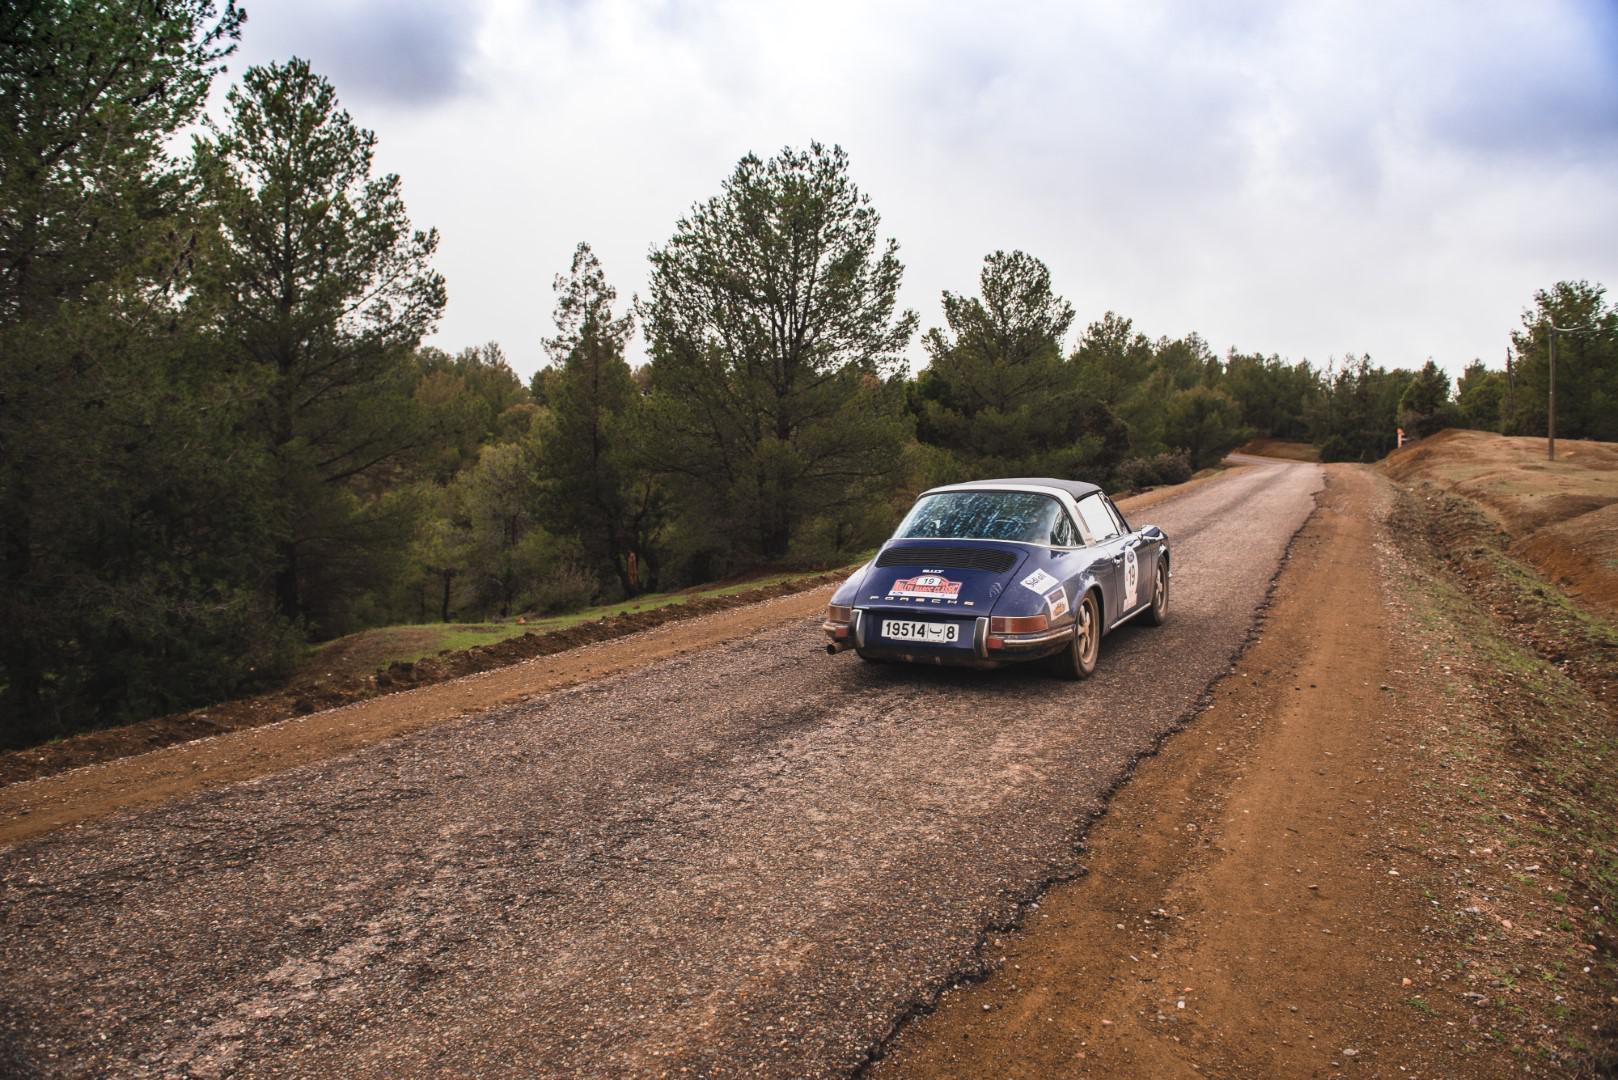 victoire-marocaine-pour-le-25eme-anniversaire-du-rallye-maroc-classic-680-26.jpg